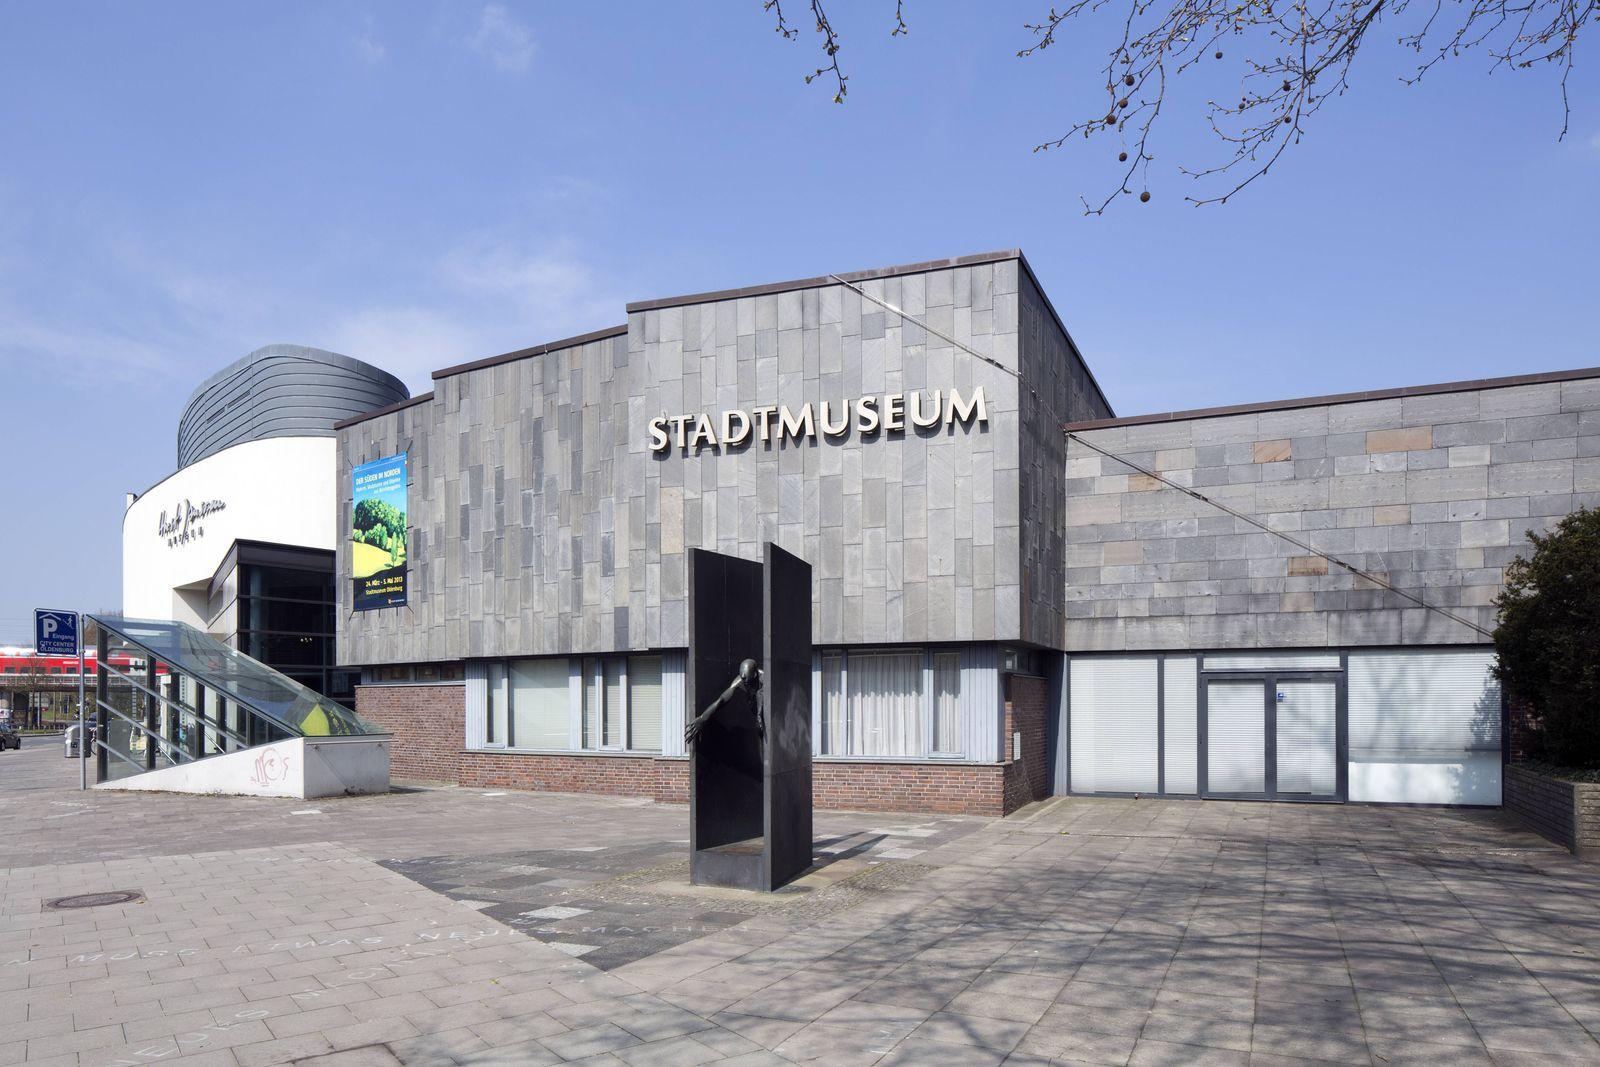 Oldenburger Stadtmuseum Oldenburg Niedersachsen Deutschland Europa iblrbb04035184 jpg